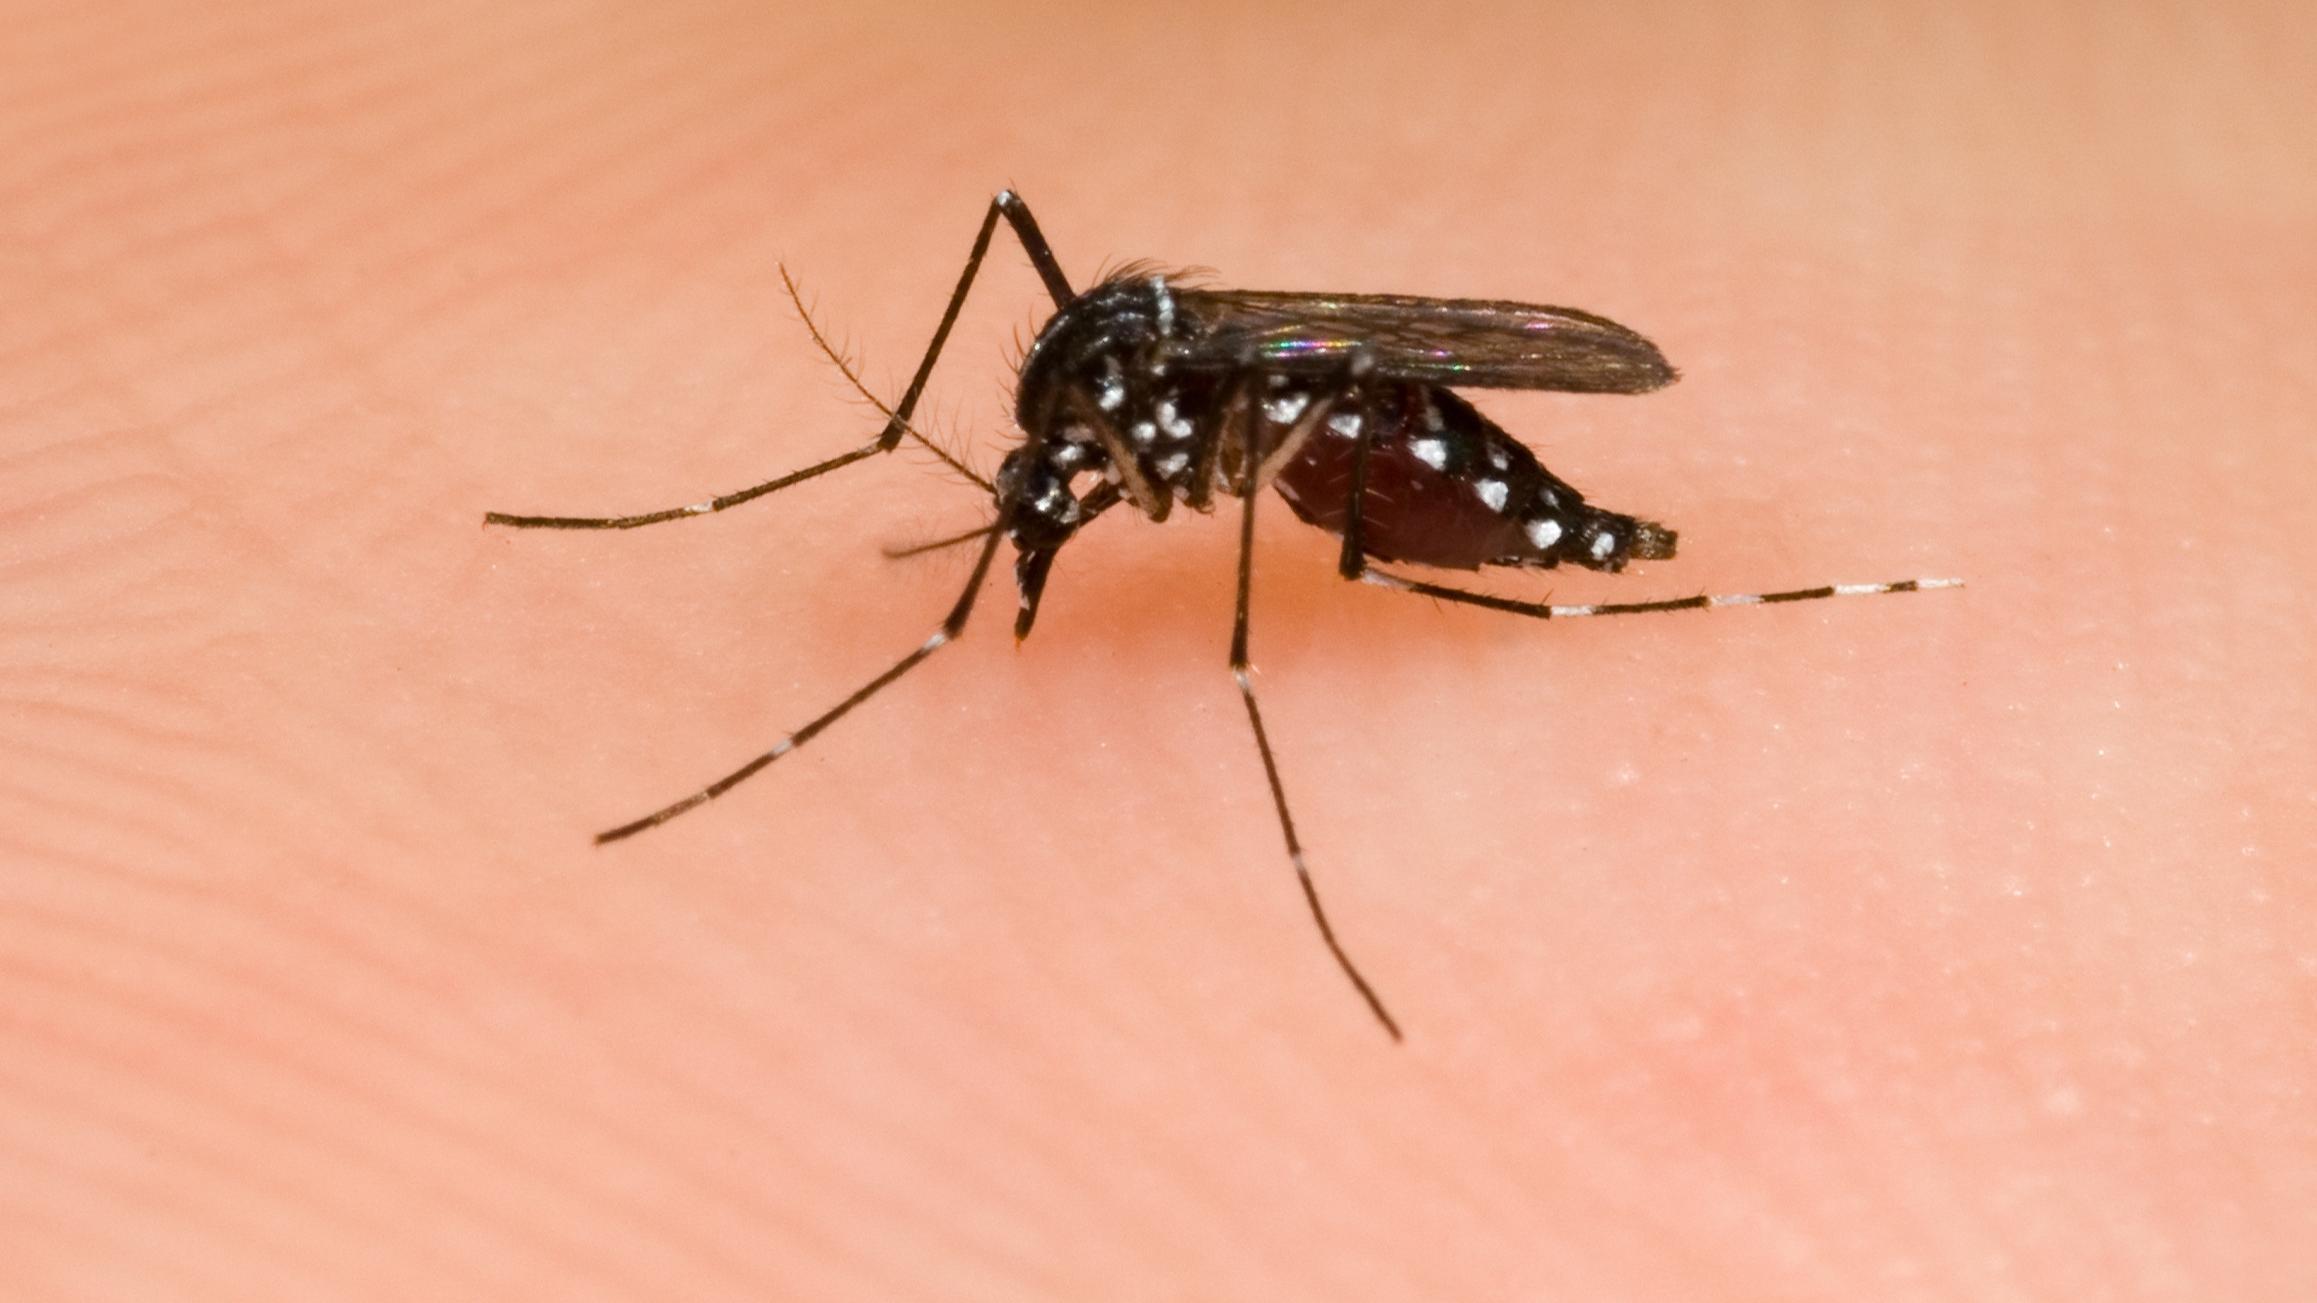 Die Tigermücke hat helle weiße Querstreifen auf Körper und Beinen.